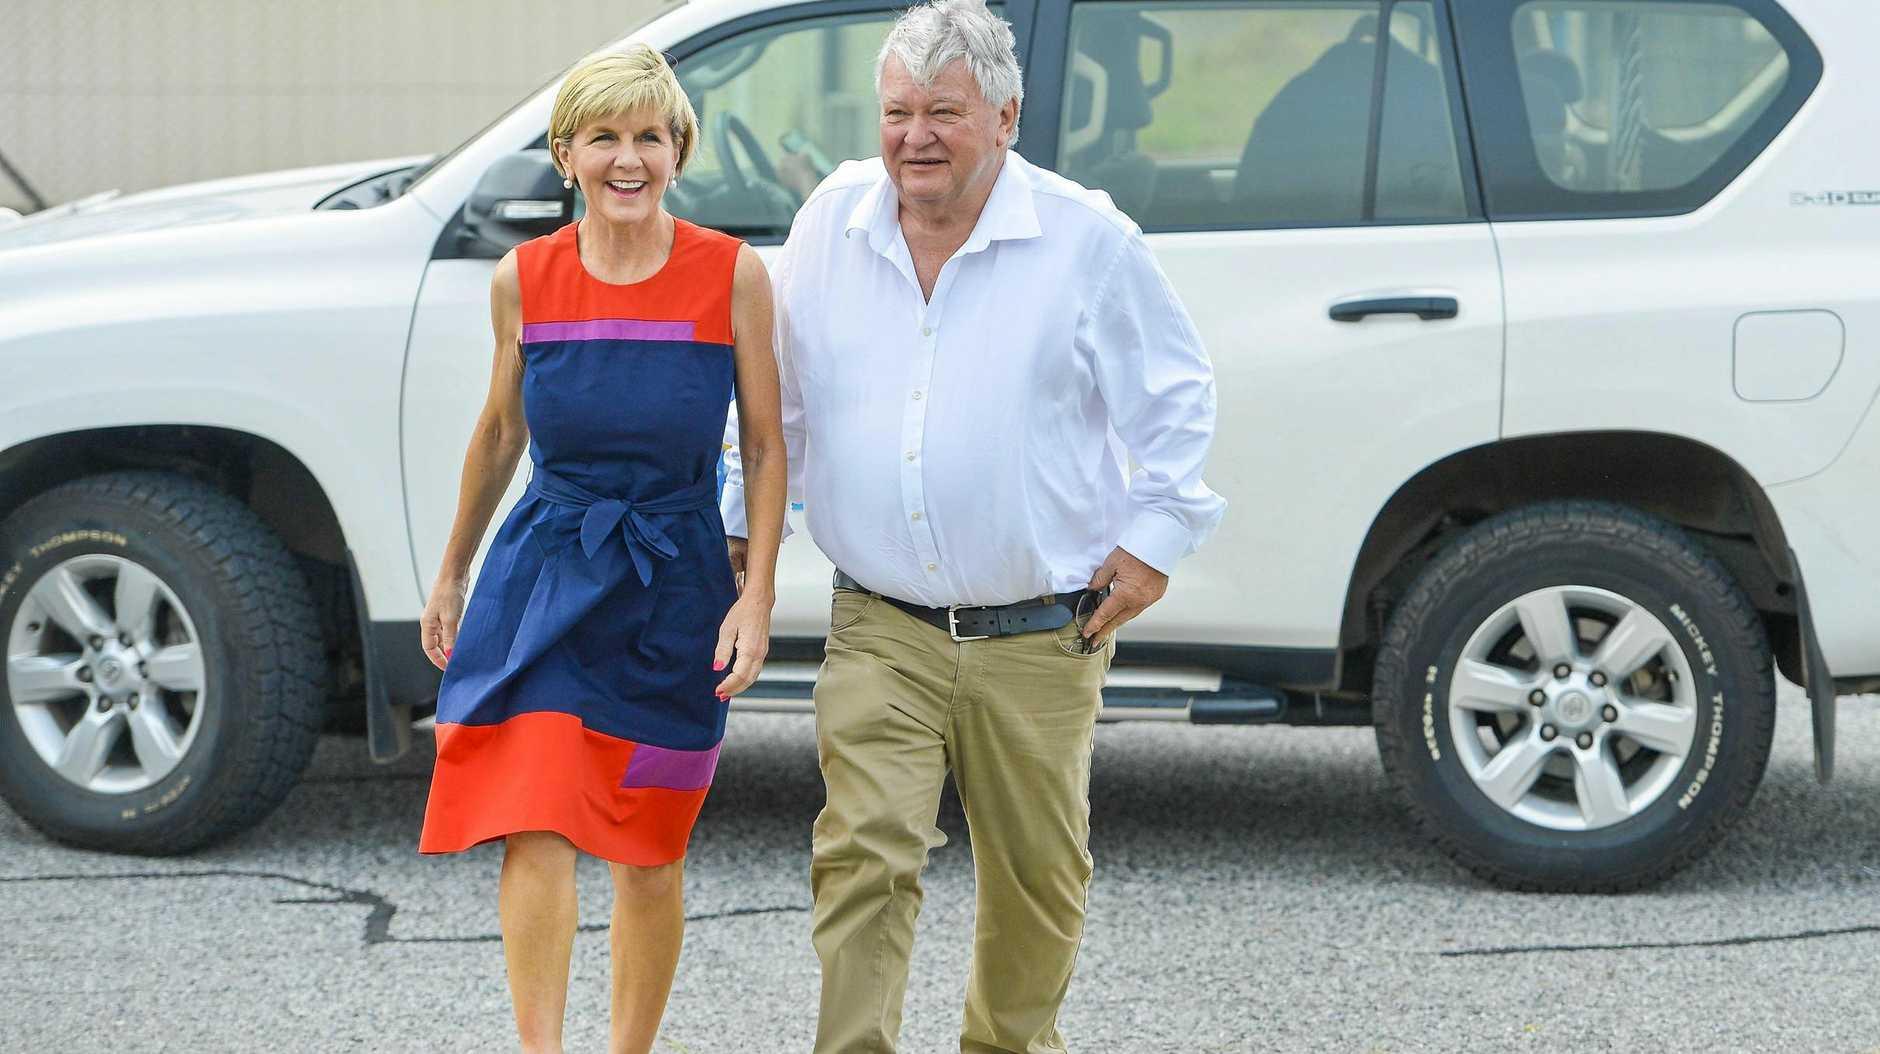 Foreign Minister Julie Bishop, with Member for Flynn Ken O'Dowd.